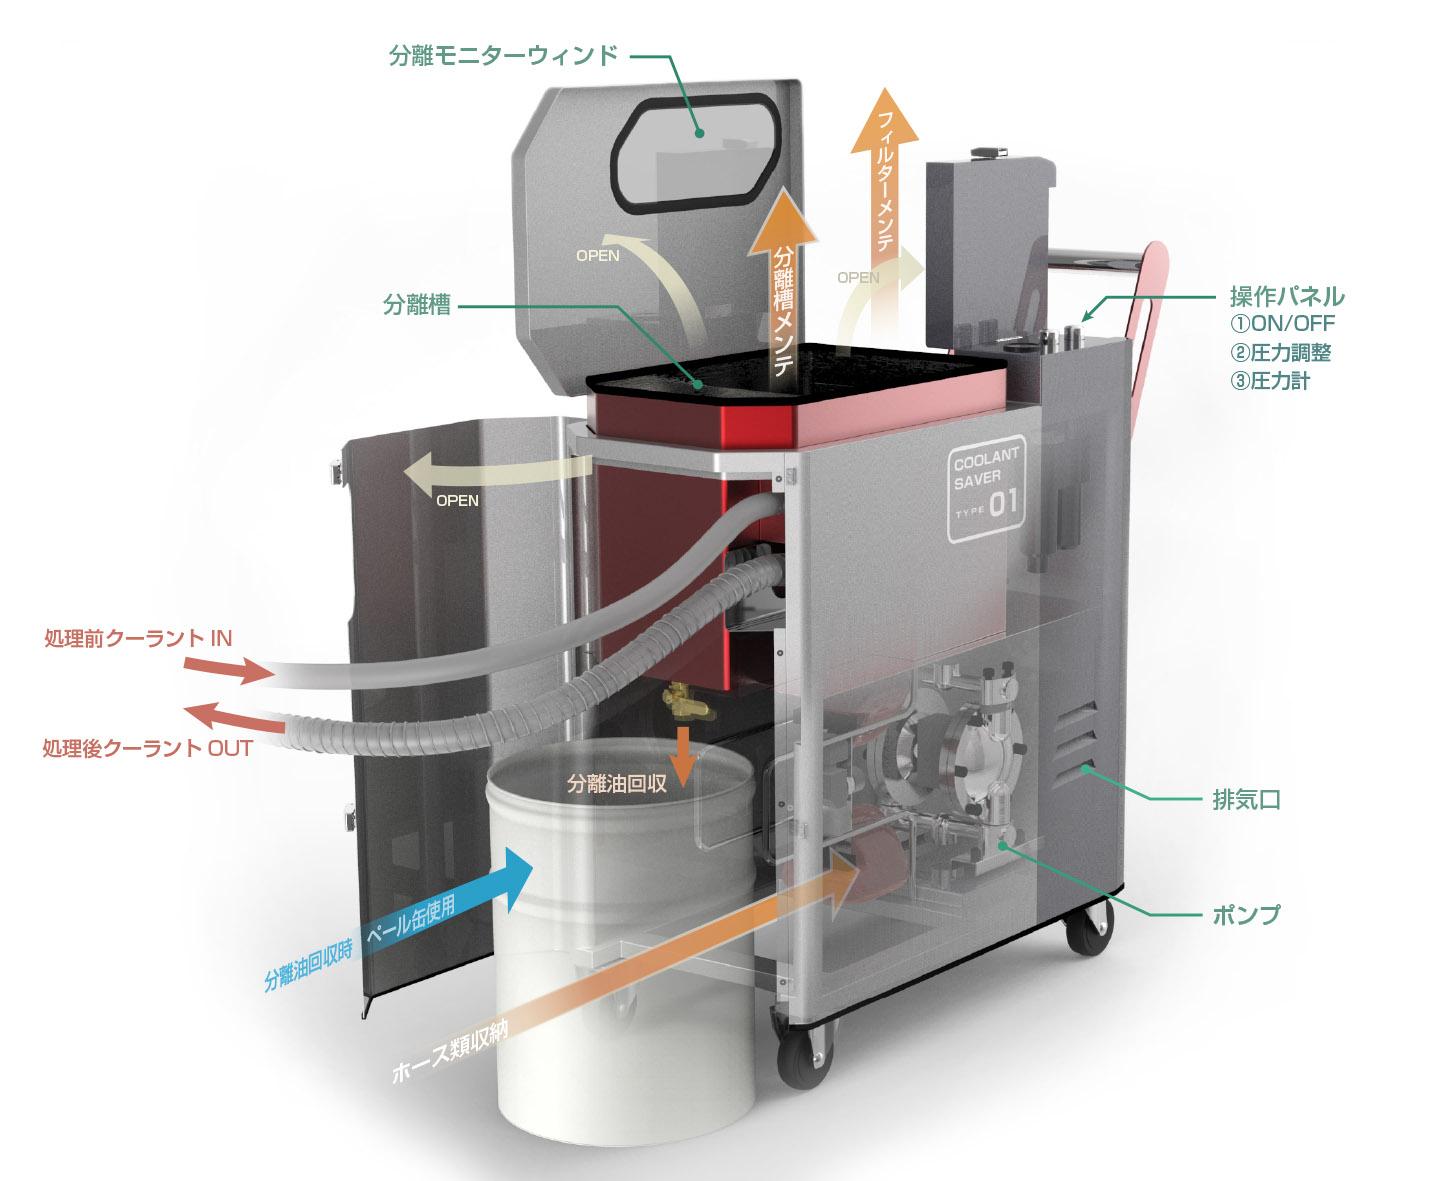 工業機器用冷却水洗浄機(可搬式)【プロダクトデザイン実績】